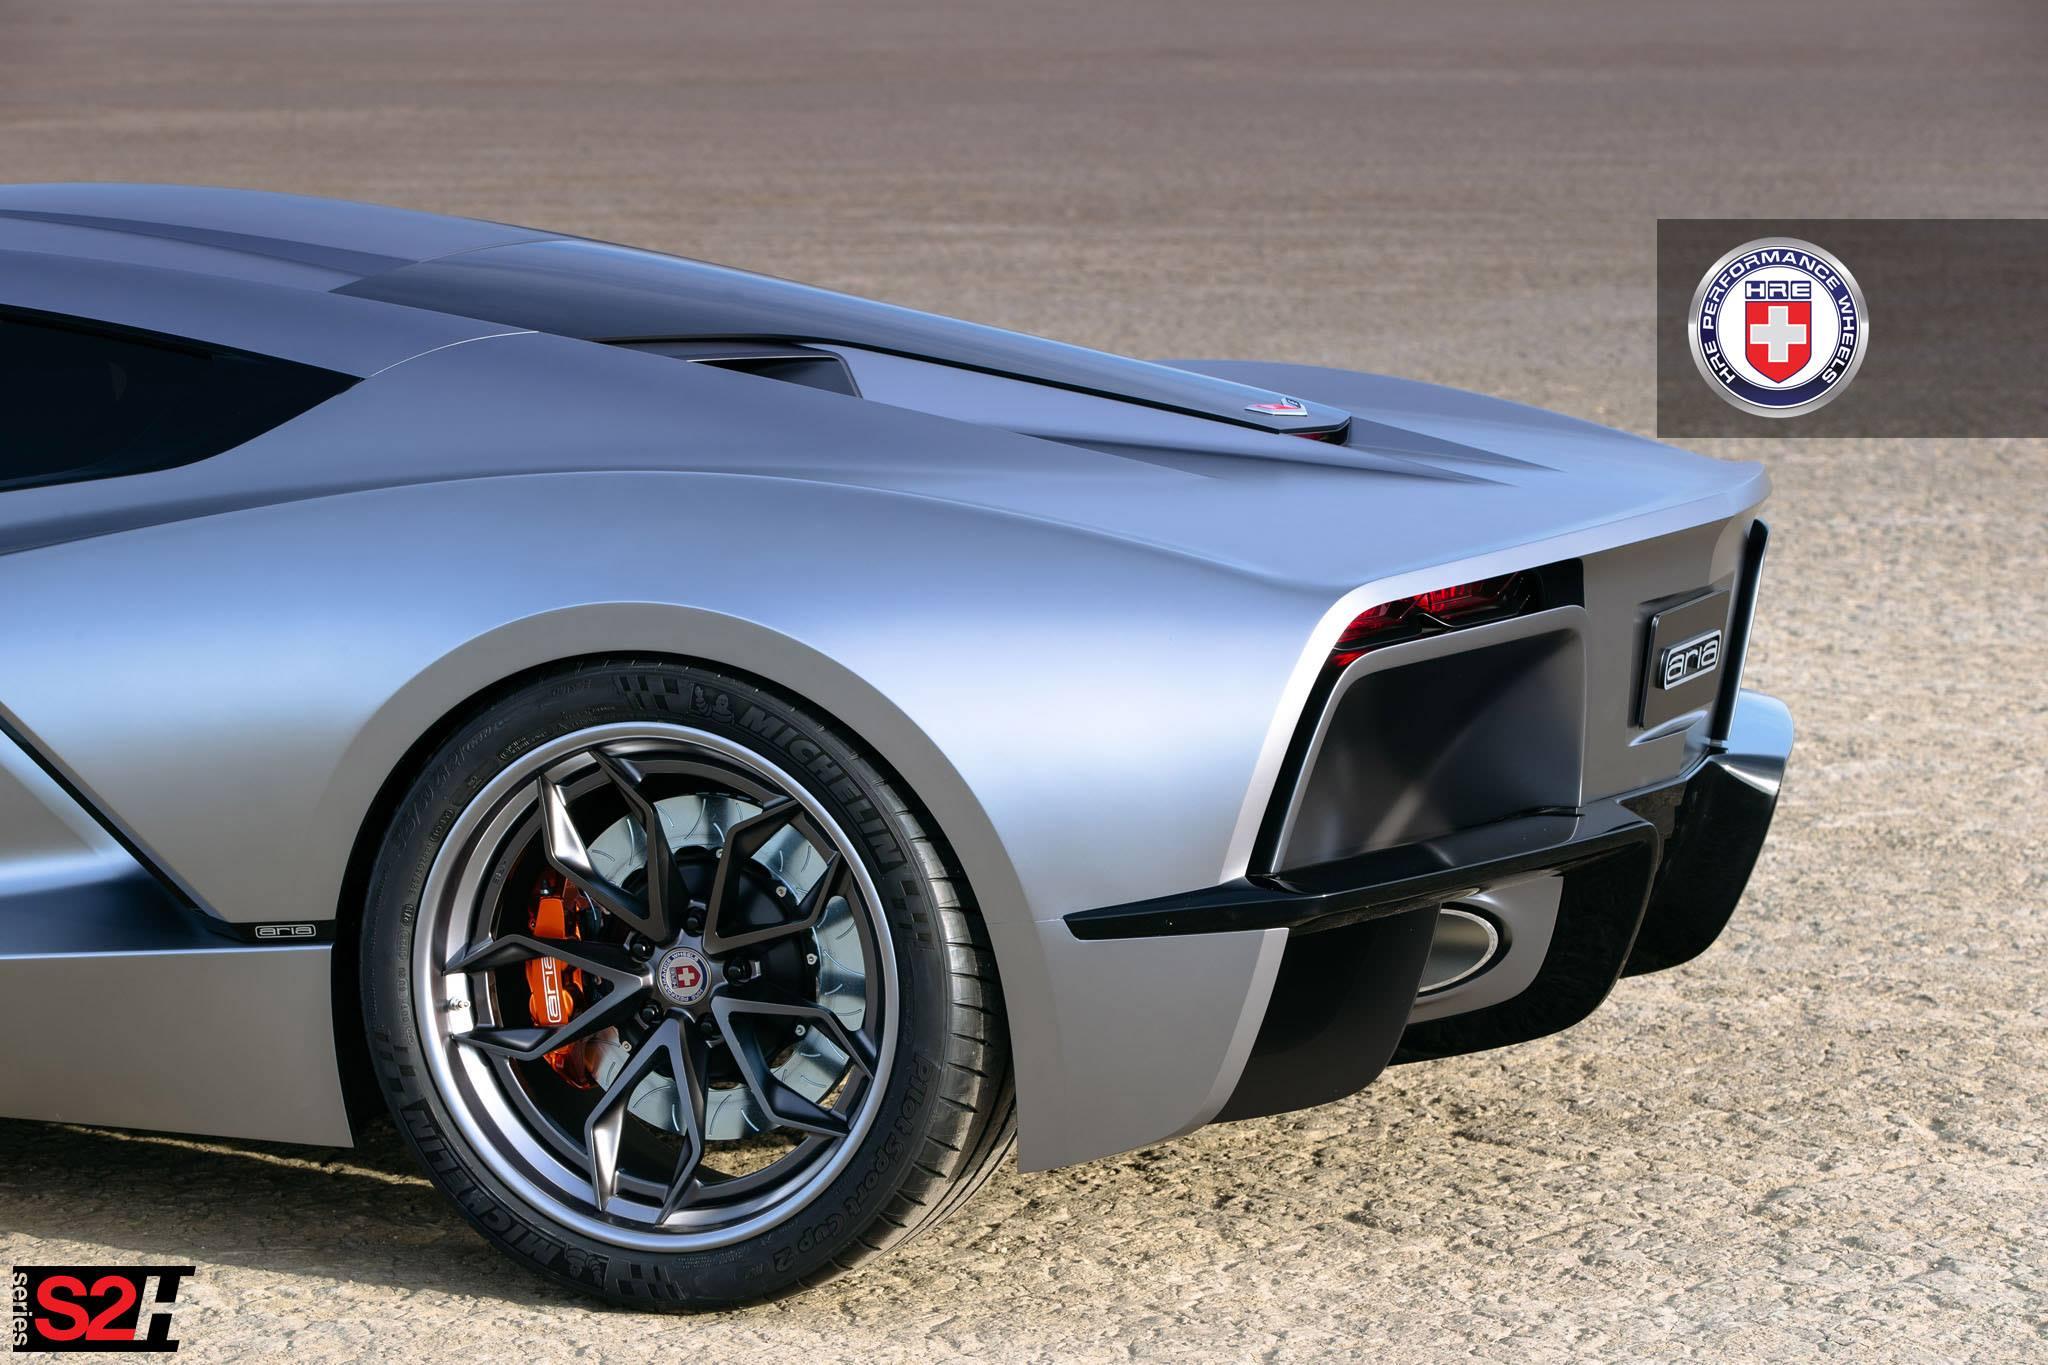 Aria-Fast-Eddy-Mid-Engine-Corvette-Concept-003 - CorvetteForum